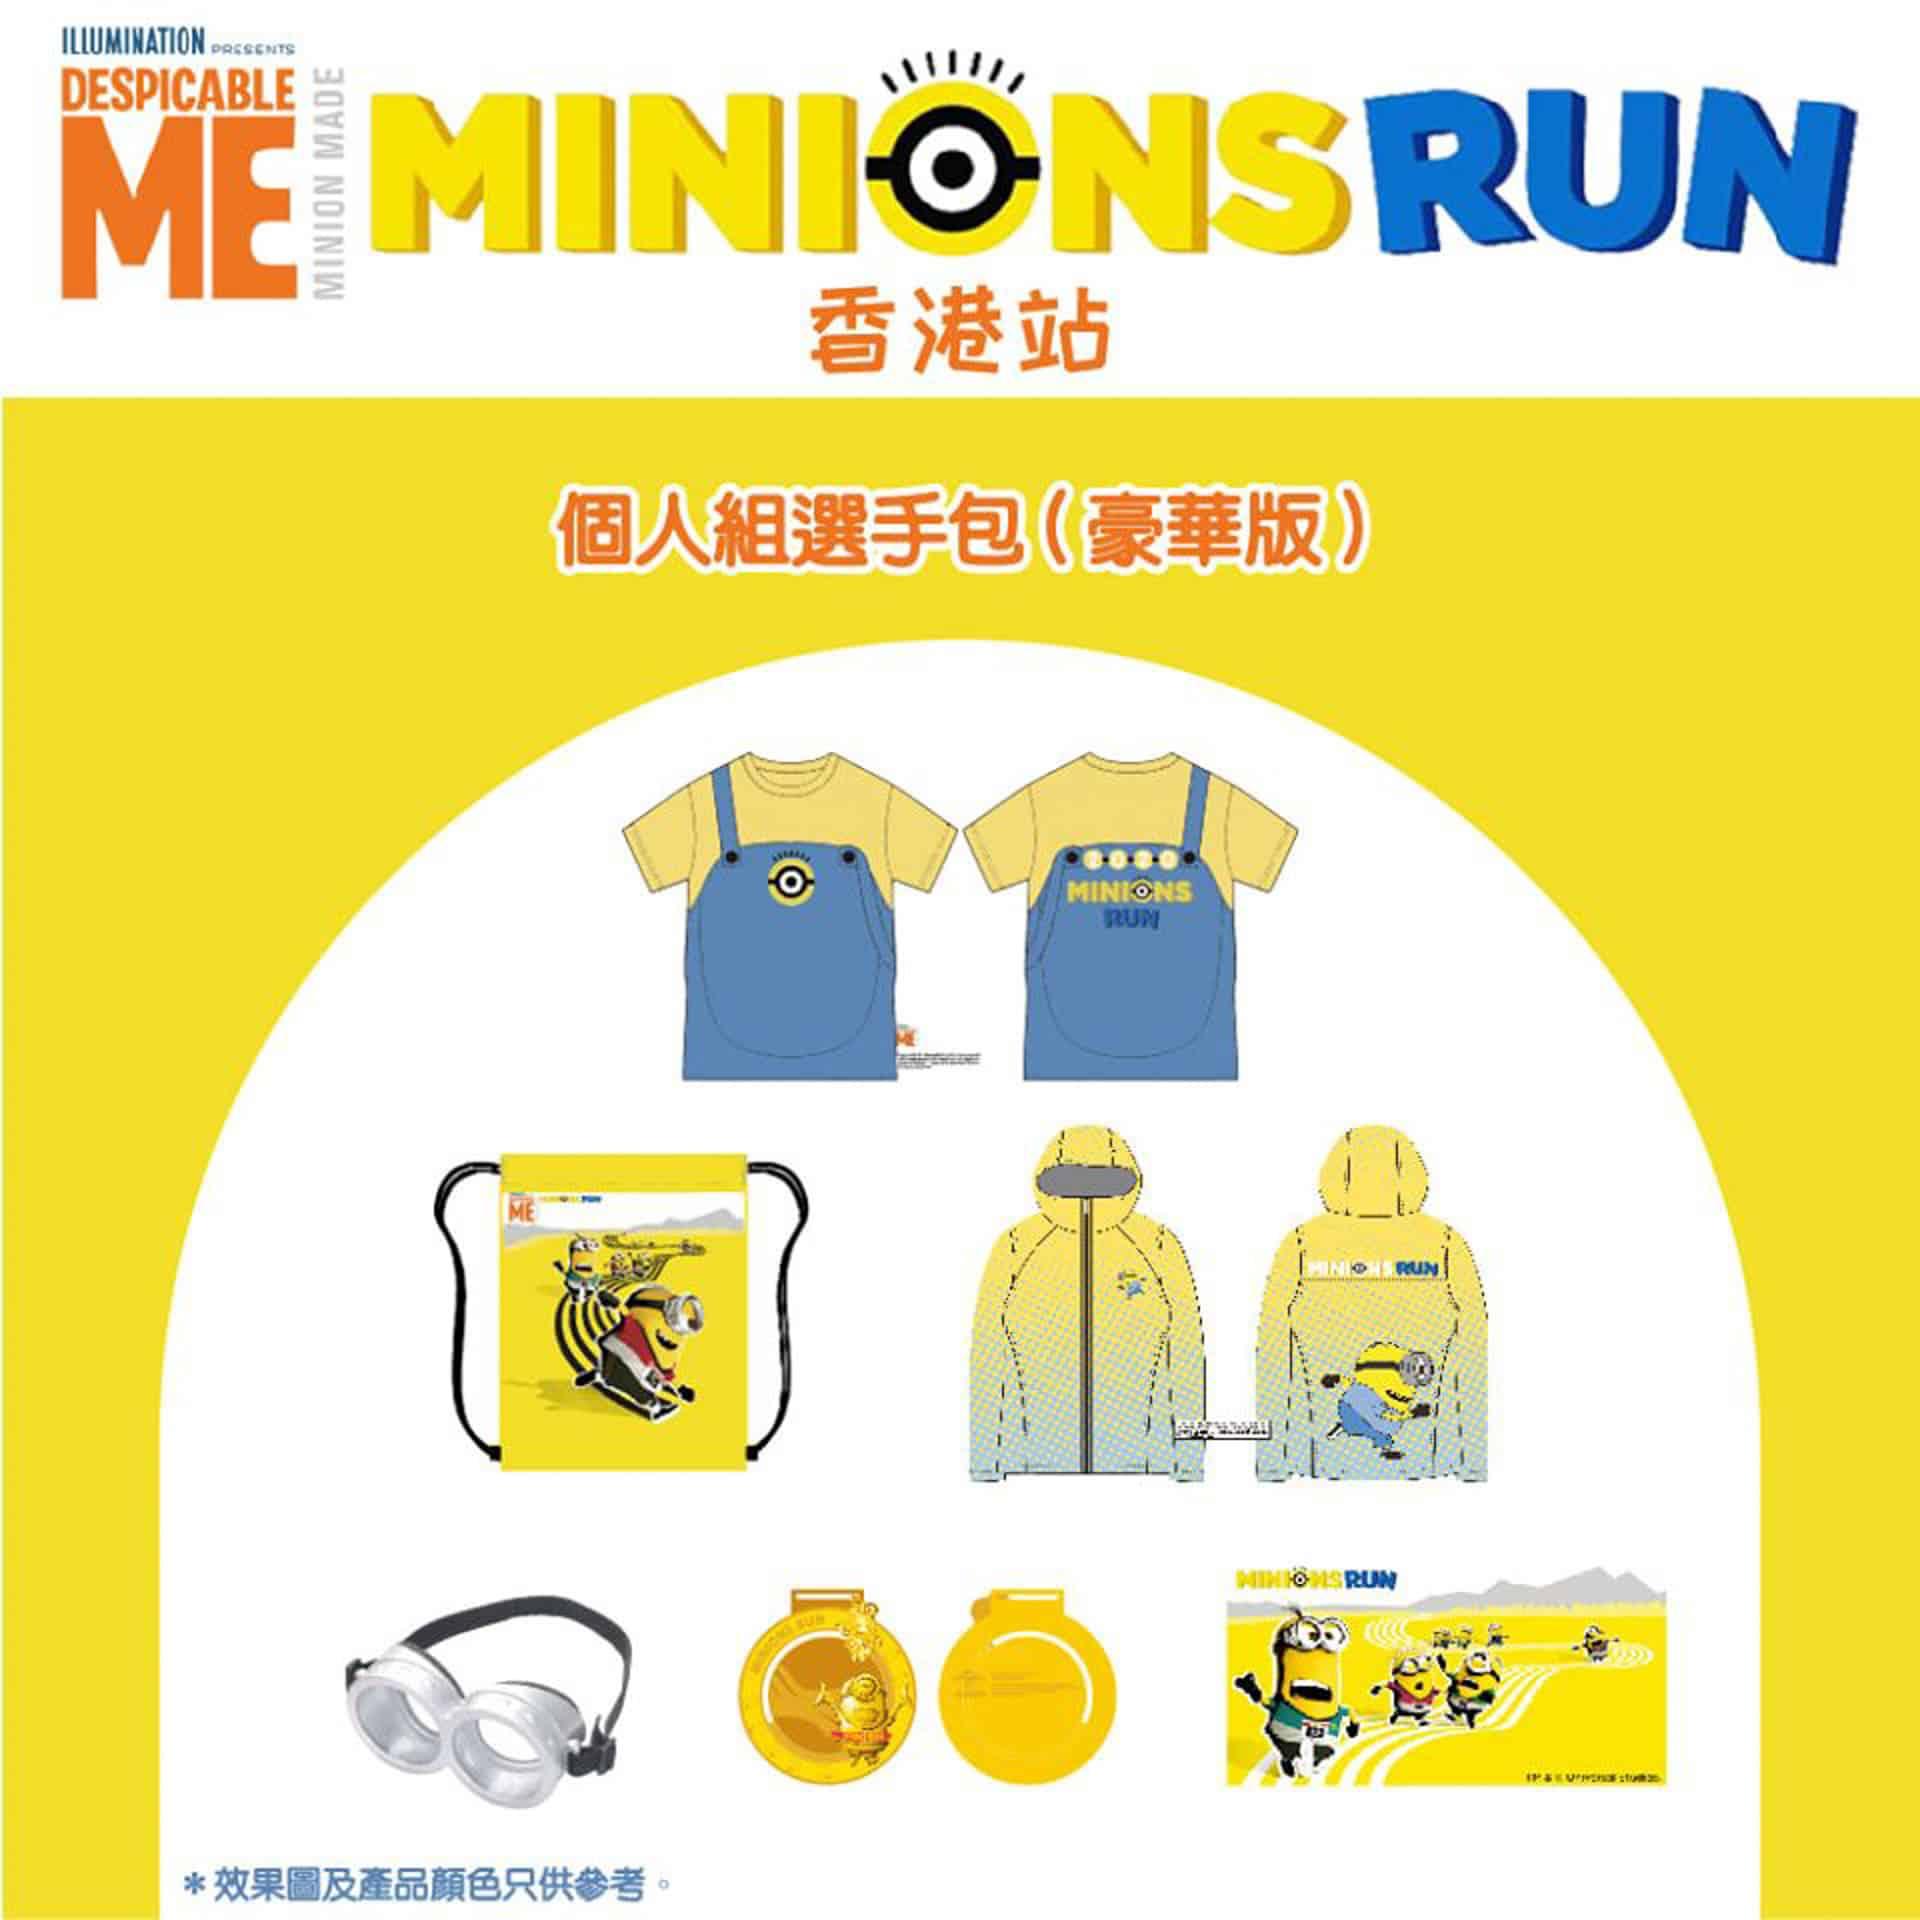 科學園:Minions Run HongKong 個人組選手包(豪華版)